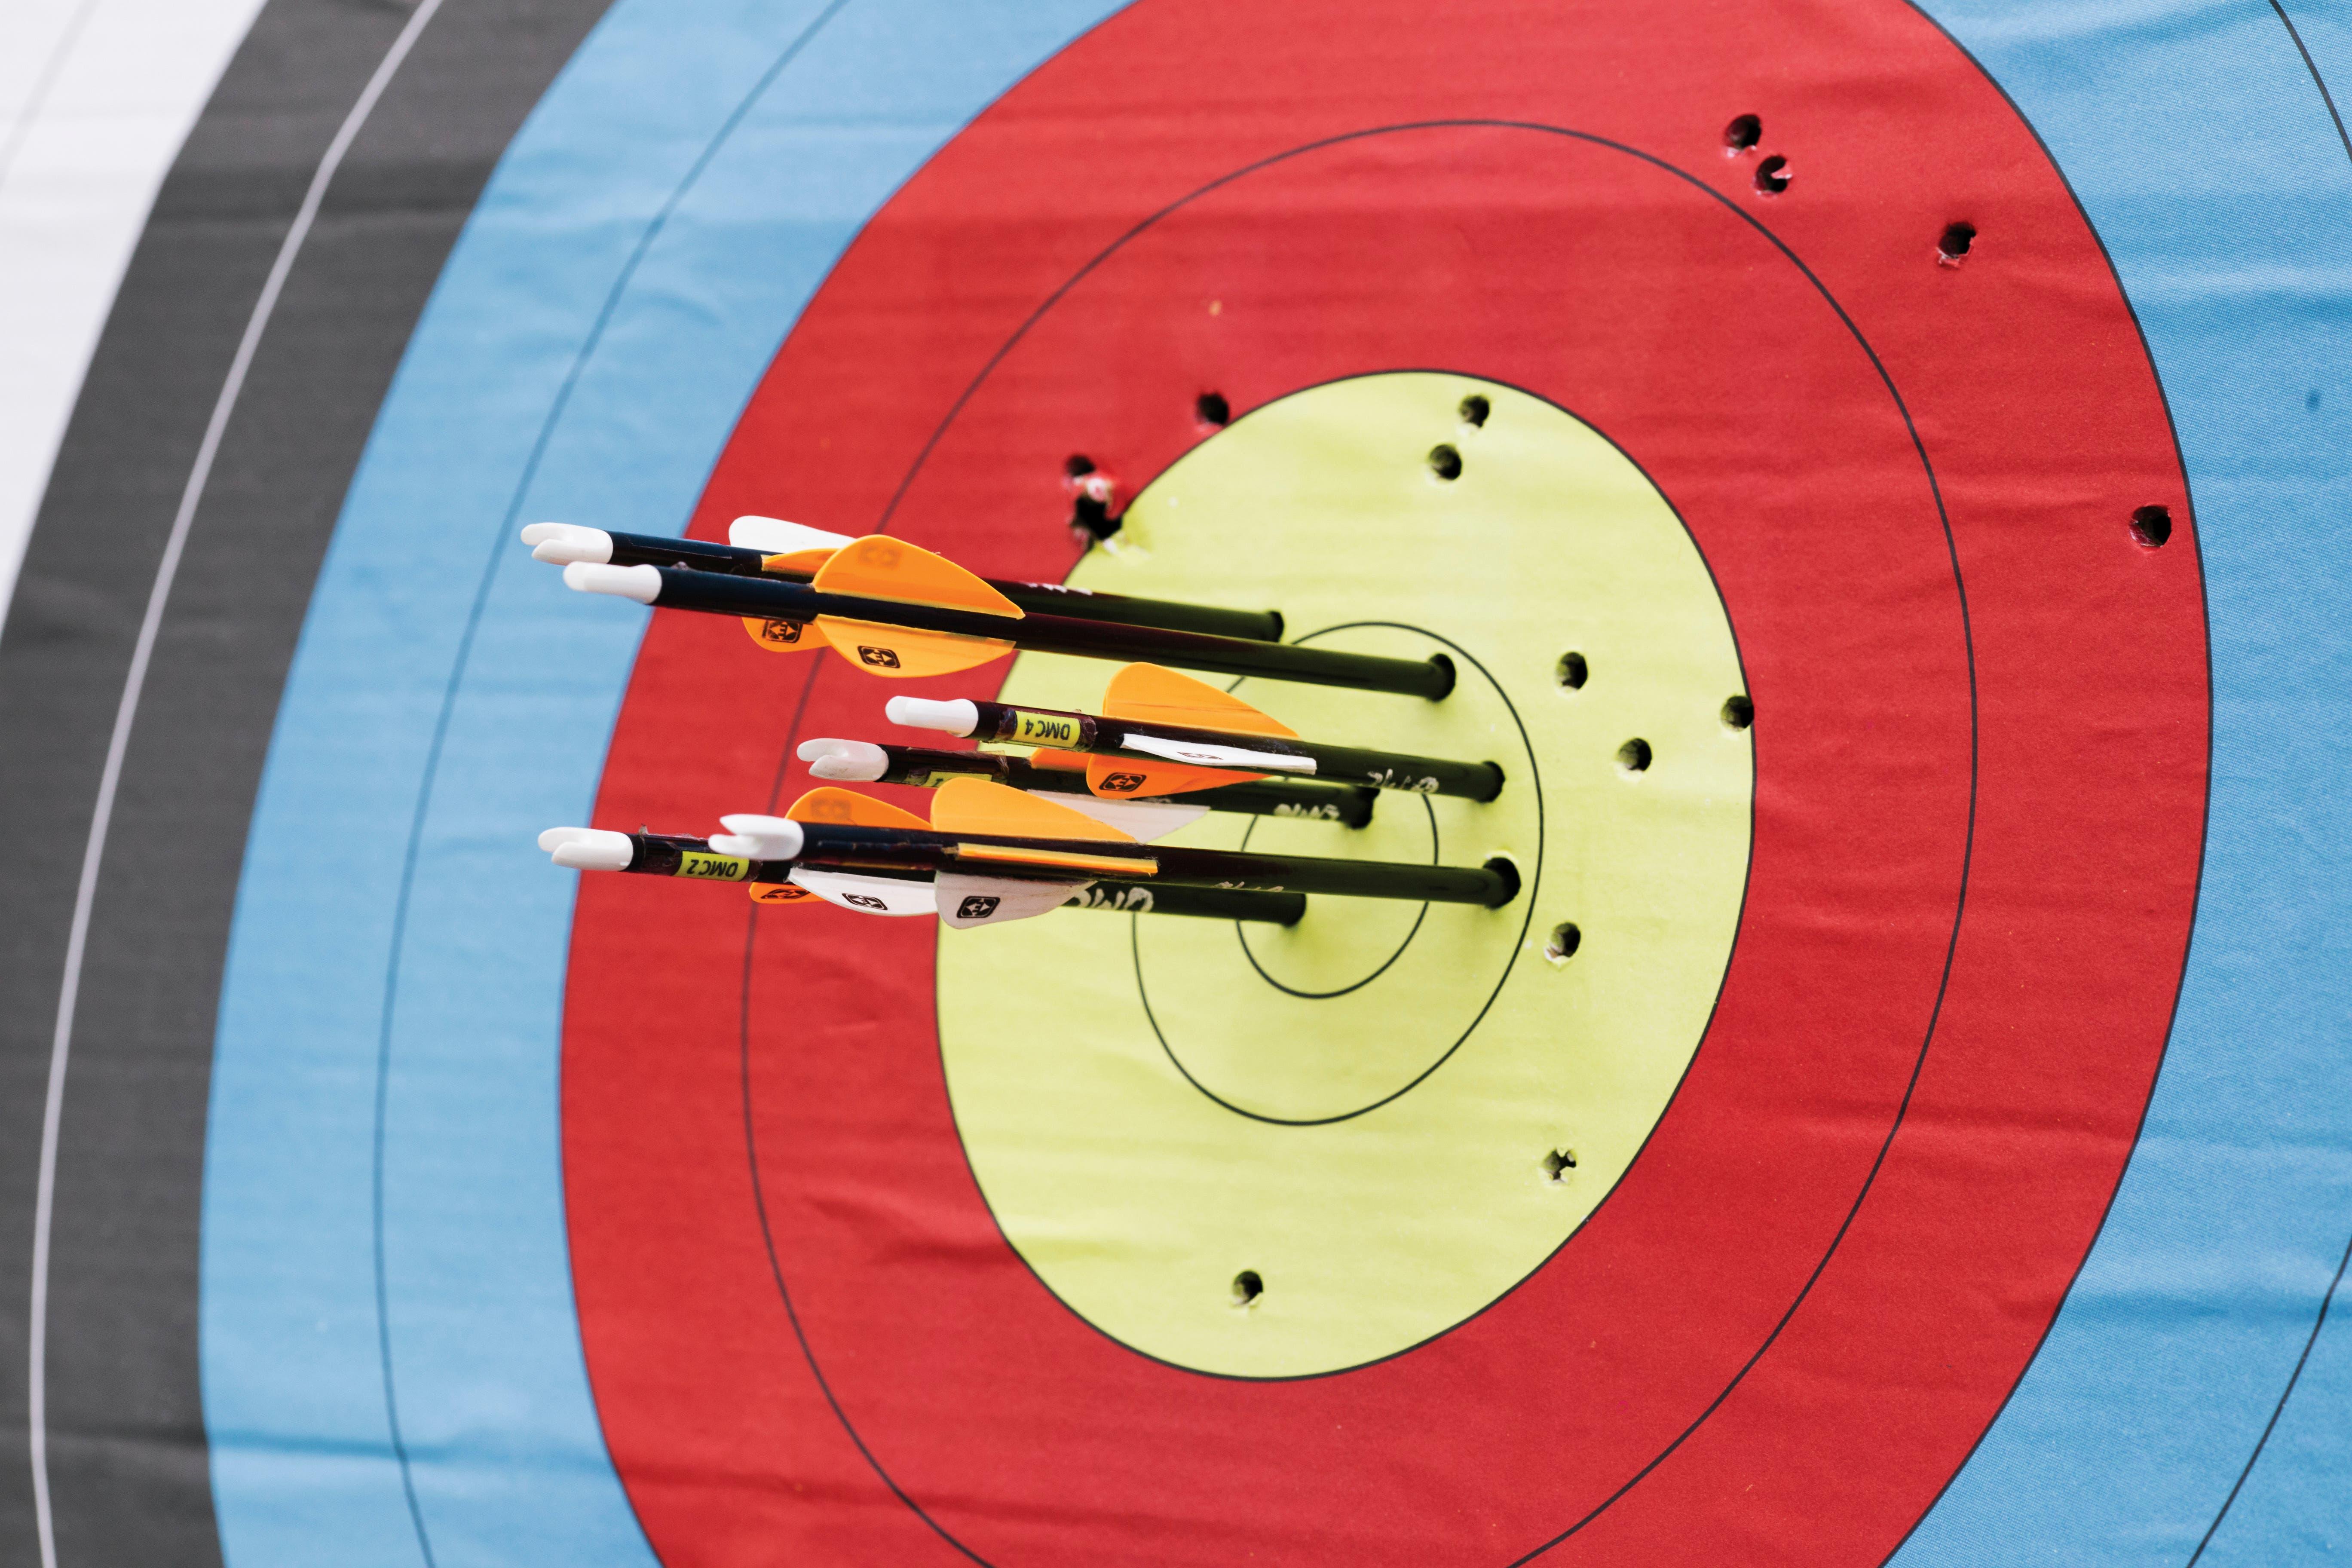 El tiro con arco no solo es un deporte olímpico o una antigua forma de conseguir alimento. Fuimos a lanzar flechas para demostrar que, en un templo zen en Japón o en un gimnasio de Belgrano, lo importante es la búsqueda del equilibrio interior.